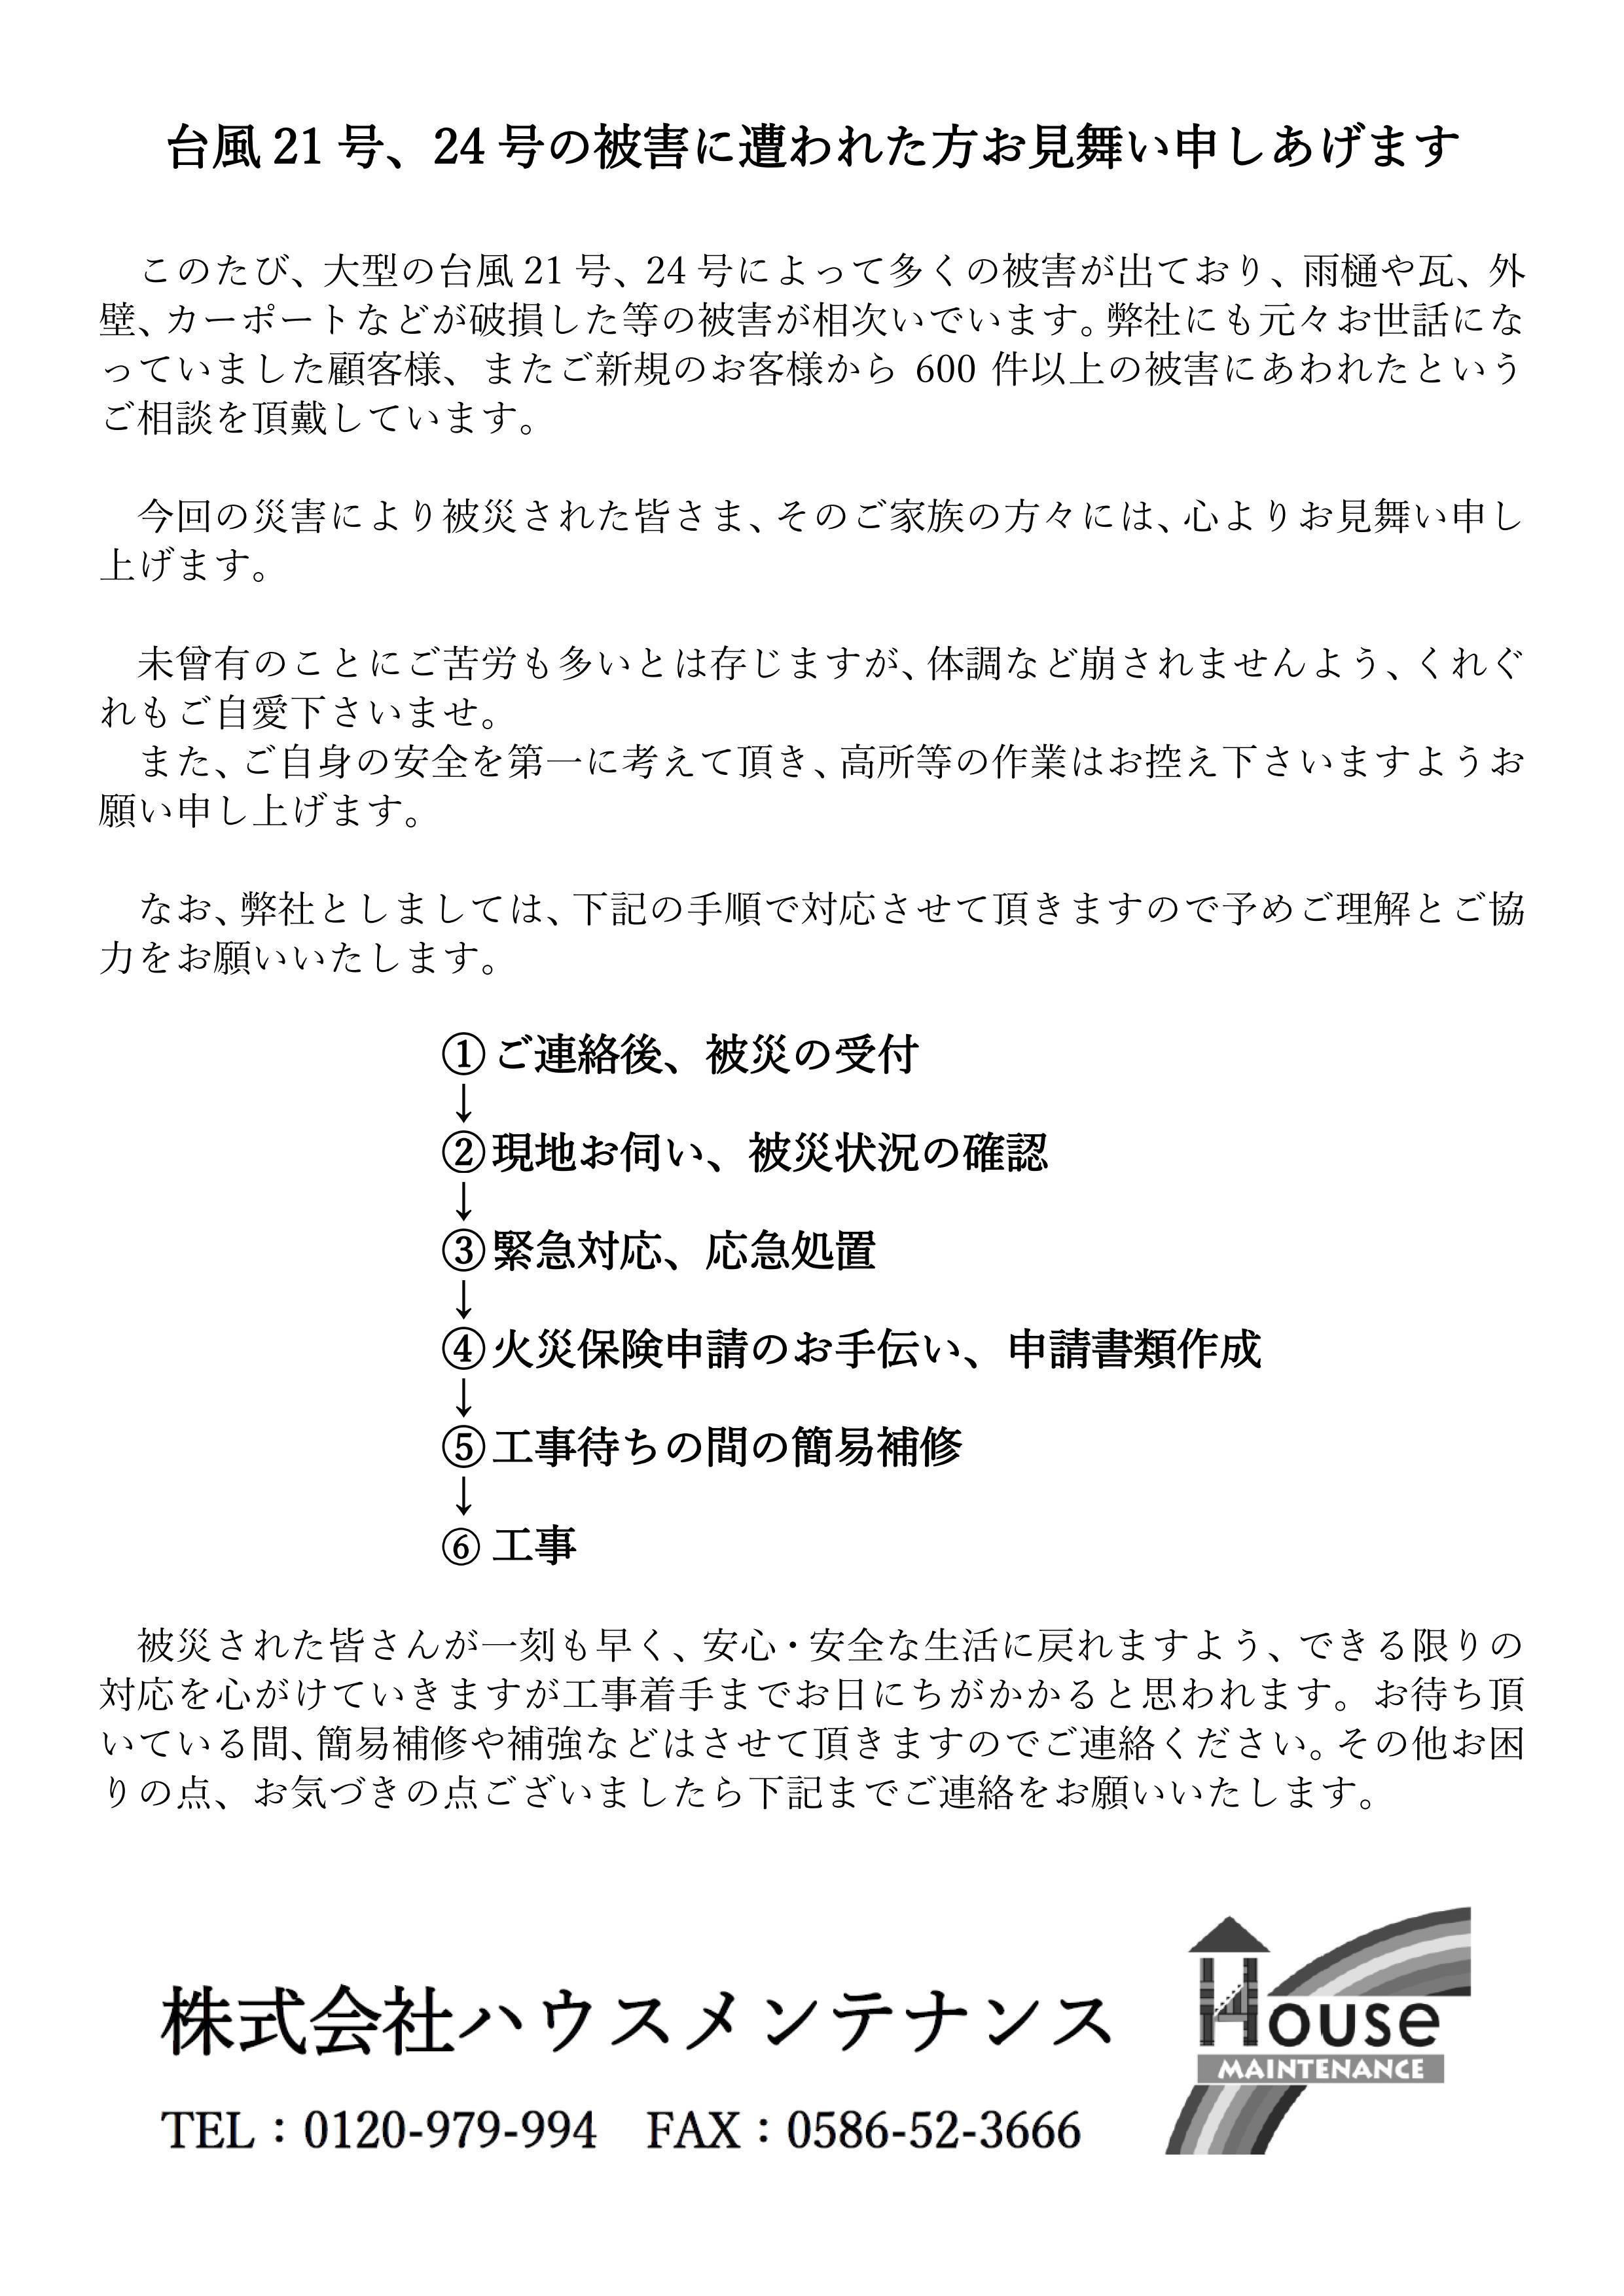 台風21号の被害に遭われた方お見舞い申しあげます_01.jpg